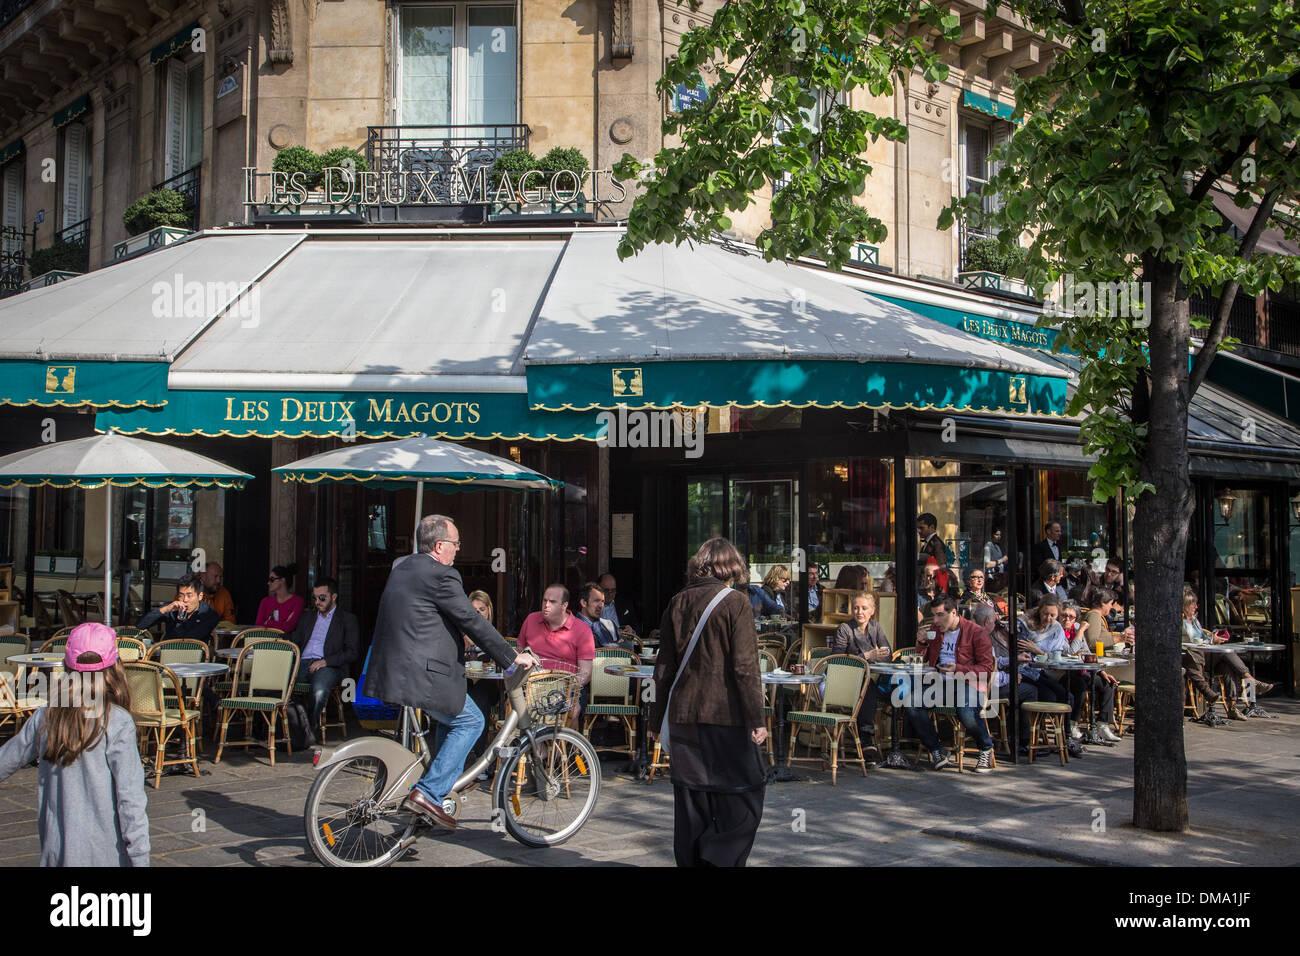 STREET SCENE IN FRONT OF THE CAFE LES DEUX MAGOTS, PLACE DE SAINT-GERMAIN-DES PRES, 6TH ARRONDISSEMENT, PARIS, FRANCE Stock Photo